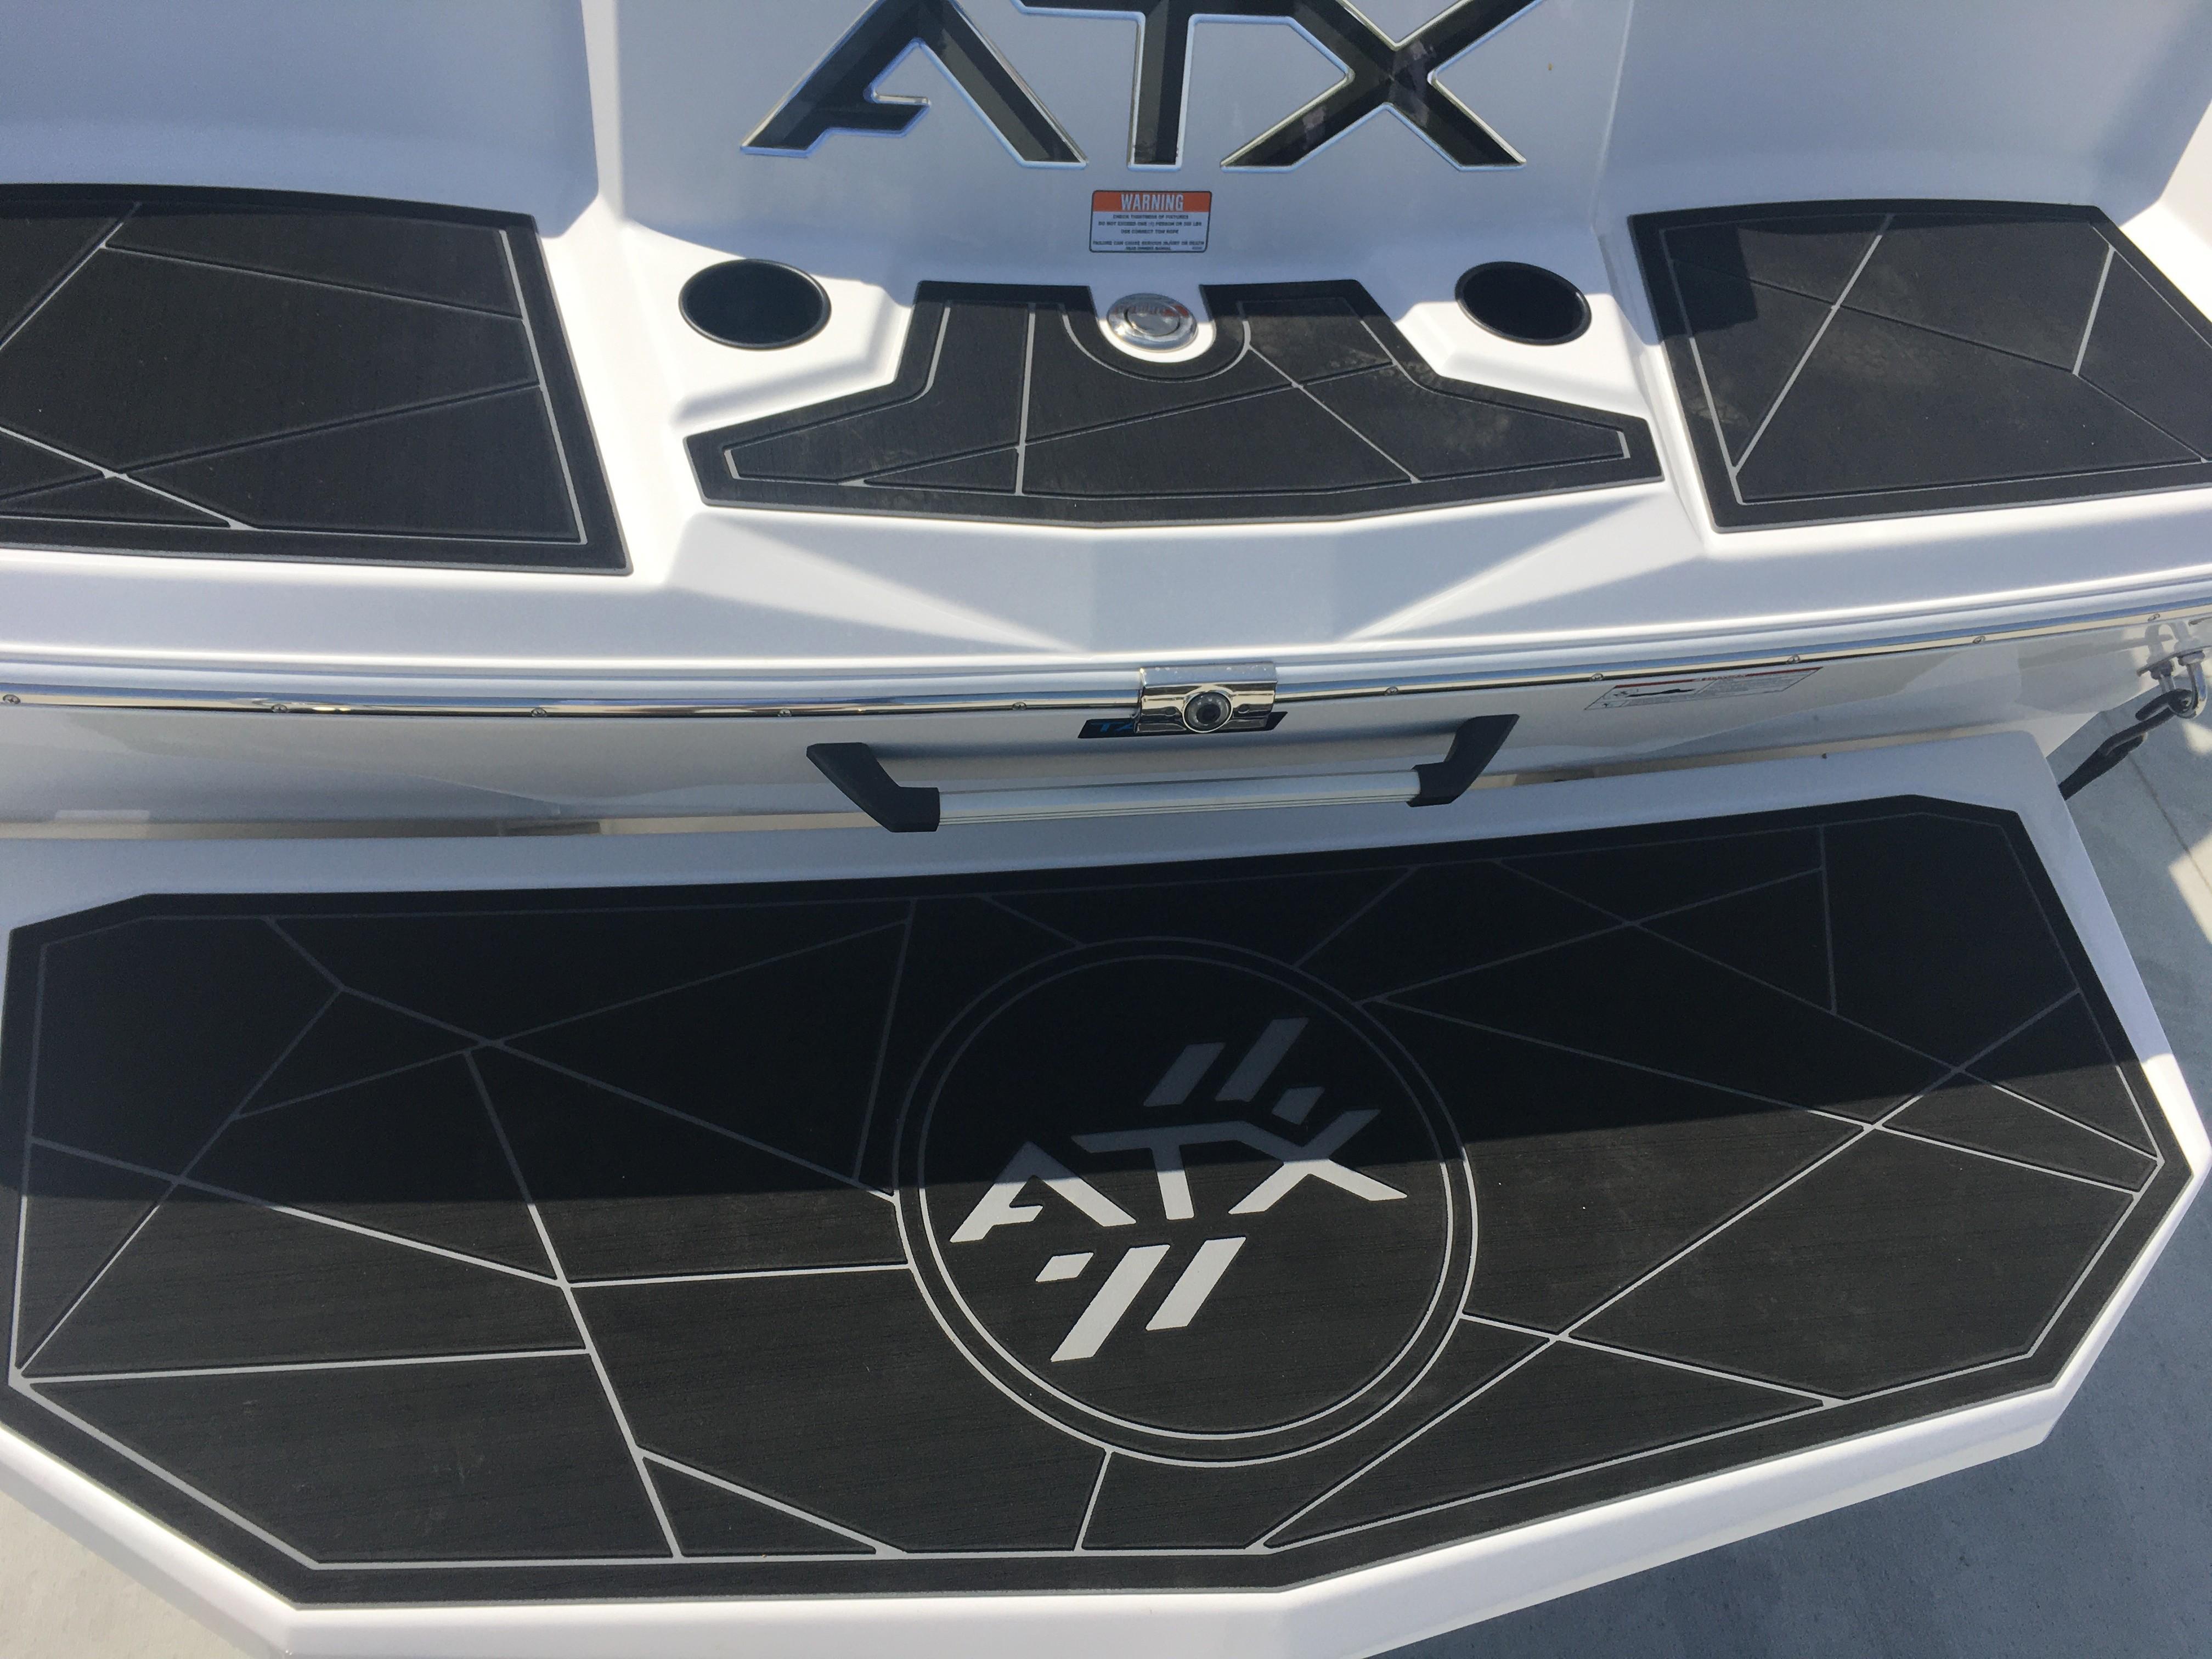 2020 ATX Surf Boats                                                              22-S Image Thumbnail #11